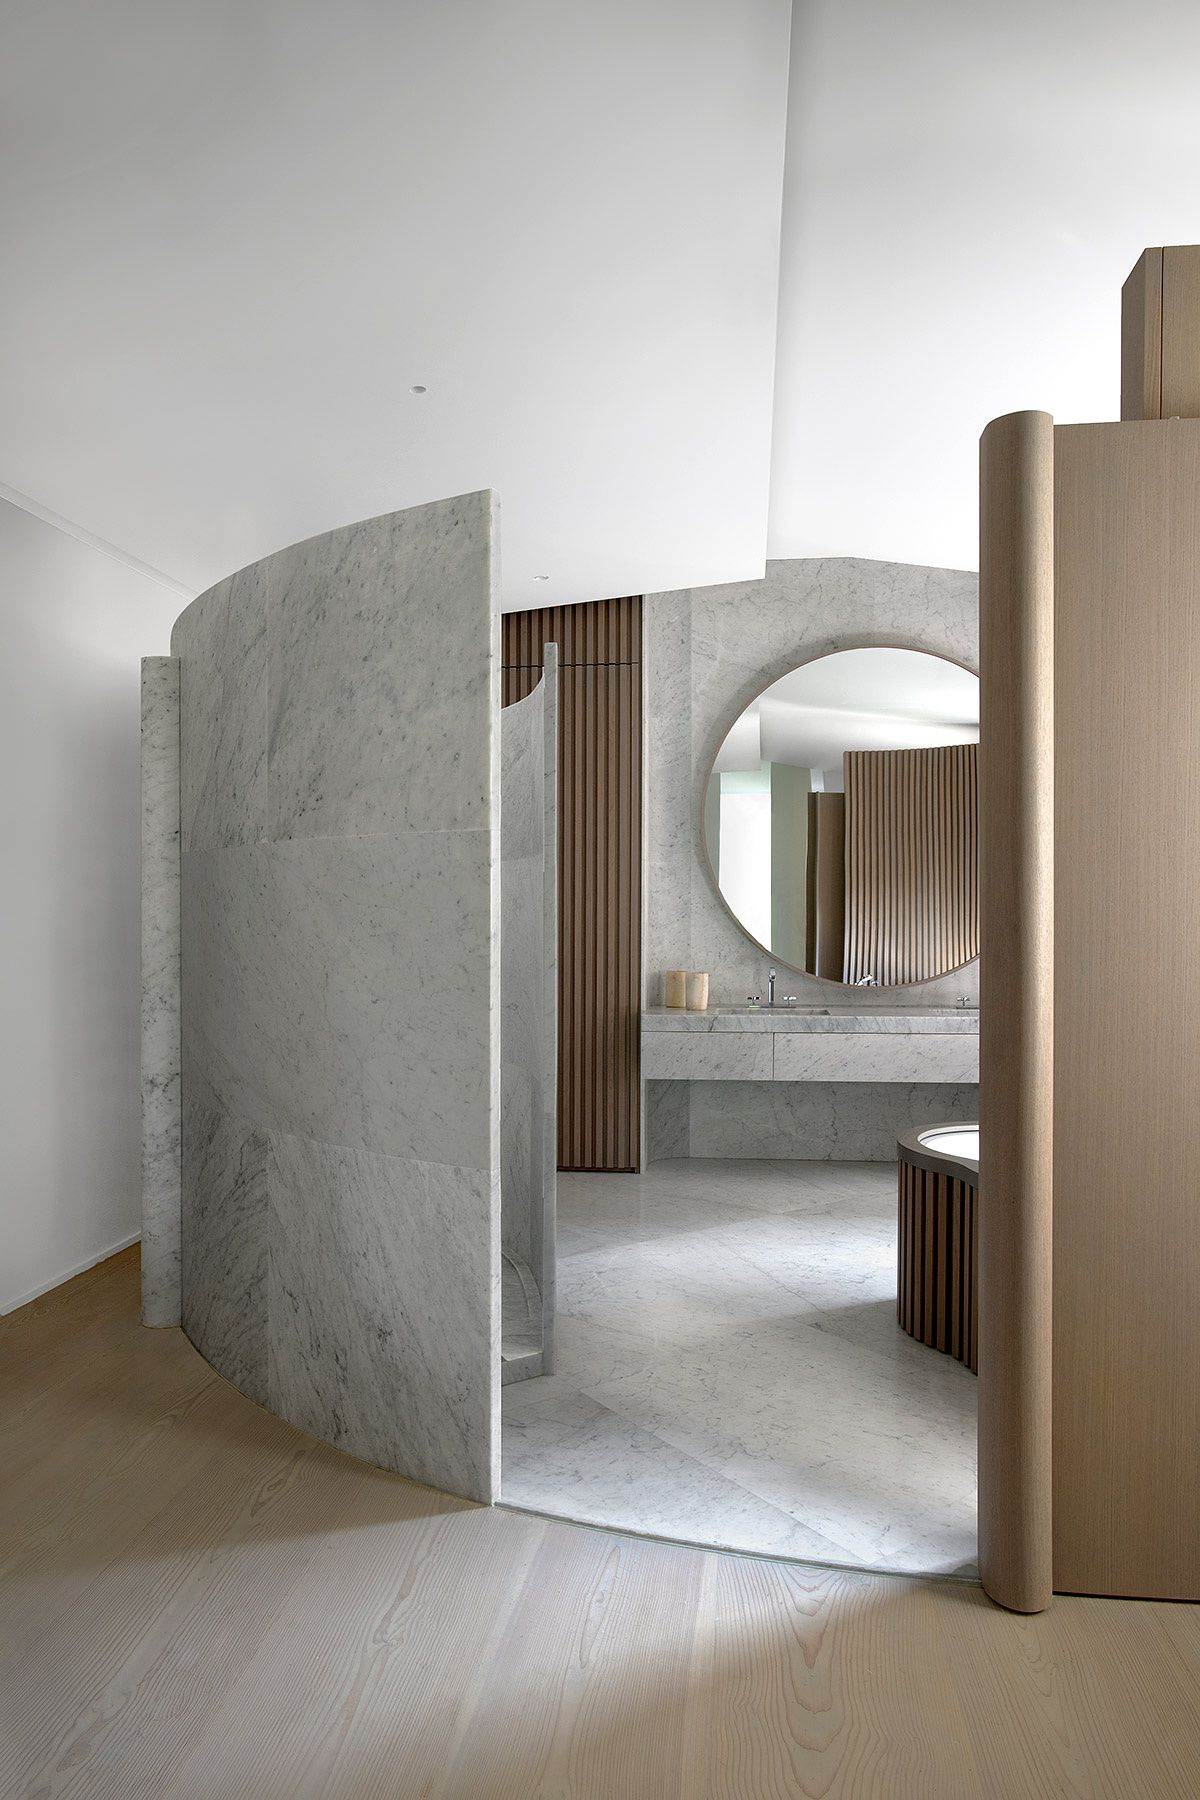 Un departamento con glamour parisino is part of Un Departamento Con Glamour Parisino Wall Design - Diseñado con materiales, muebles y obras de arte que dan una sensación de glamour, este departamento parisino honra lo vacío